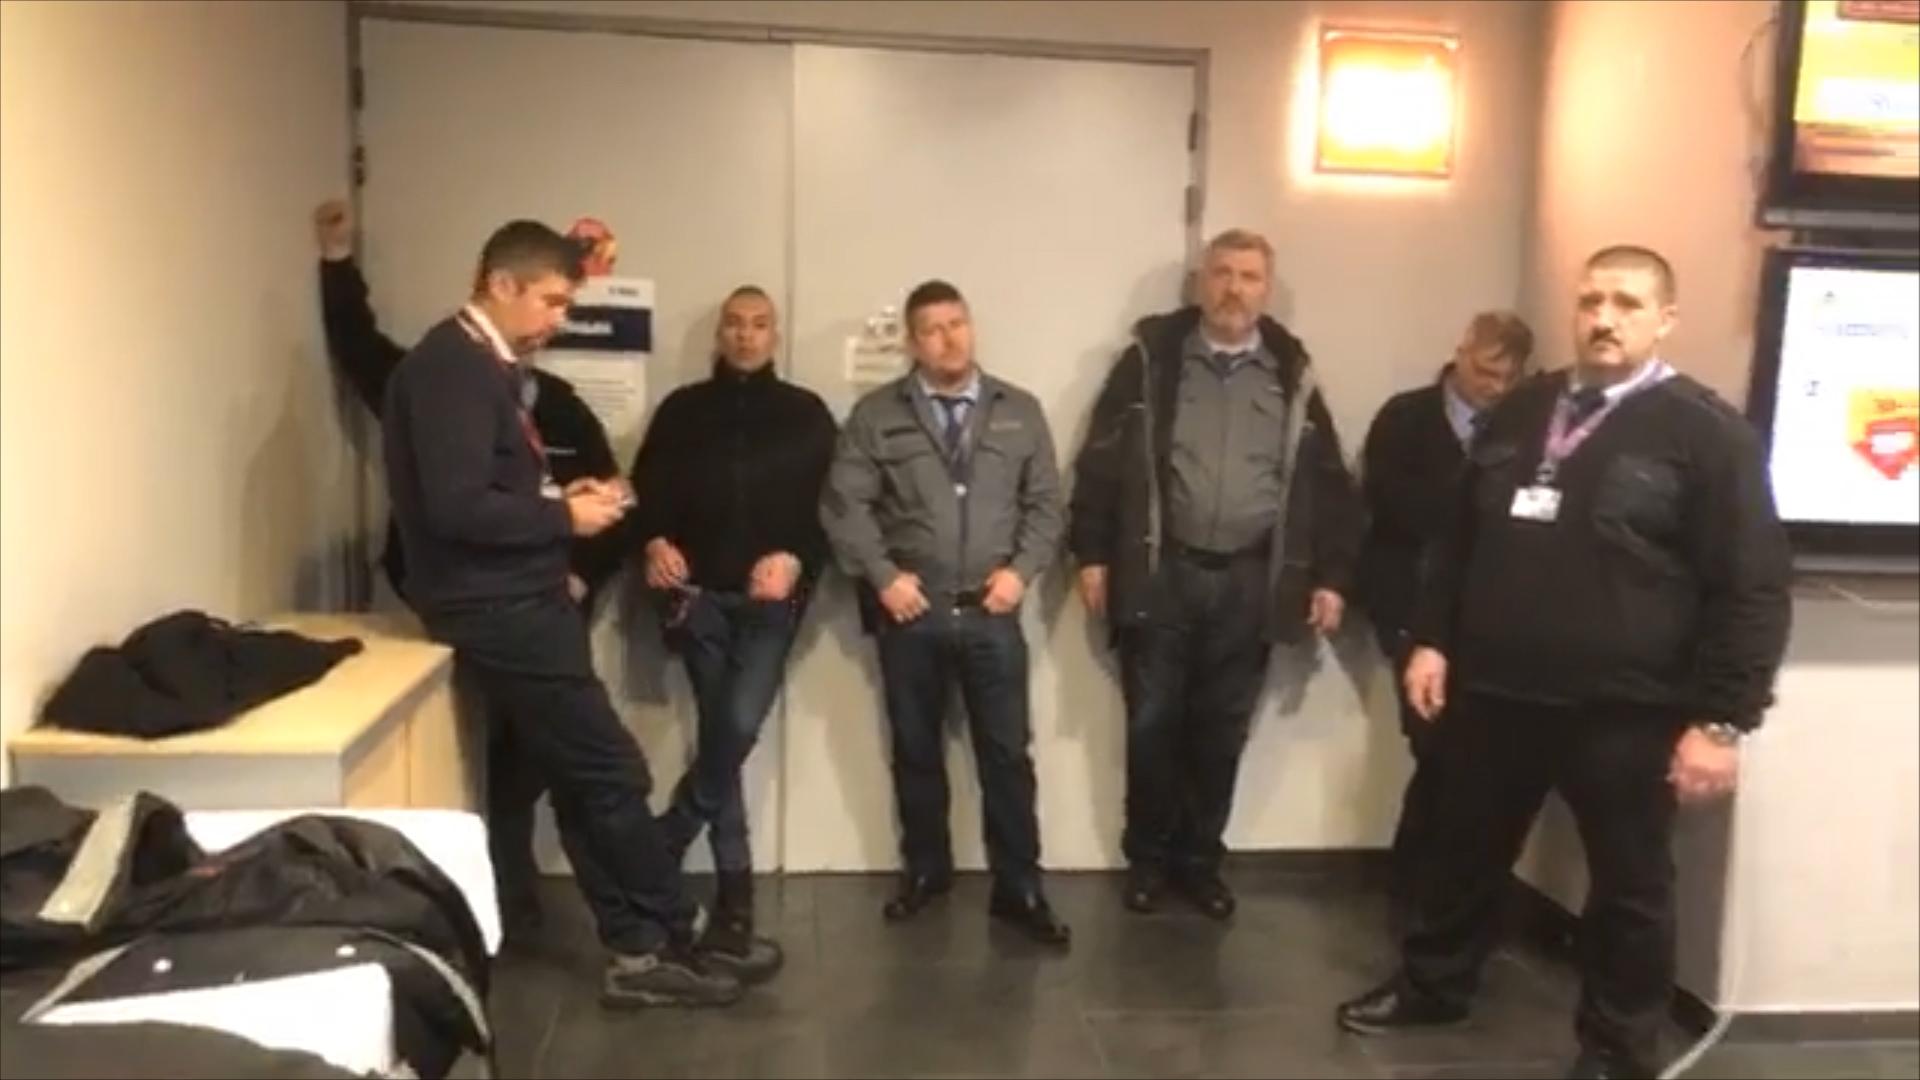 Egy pisztolynak látszó tárgy is előkerült, miközben Hadházyval  dulakodtak az MTVA fegyveres őrei, de feltehetően csak egy pisztolytáska volt